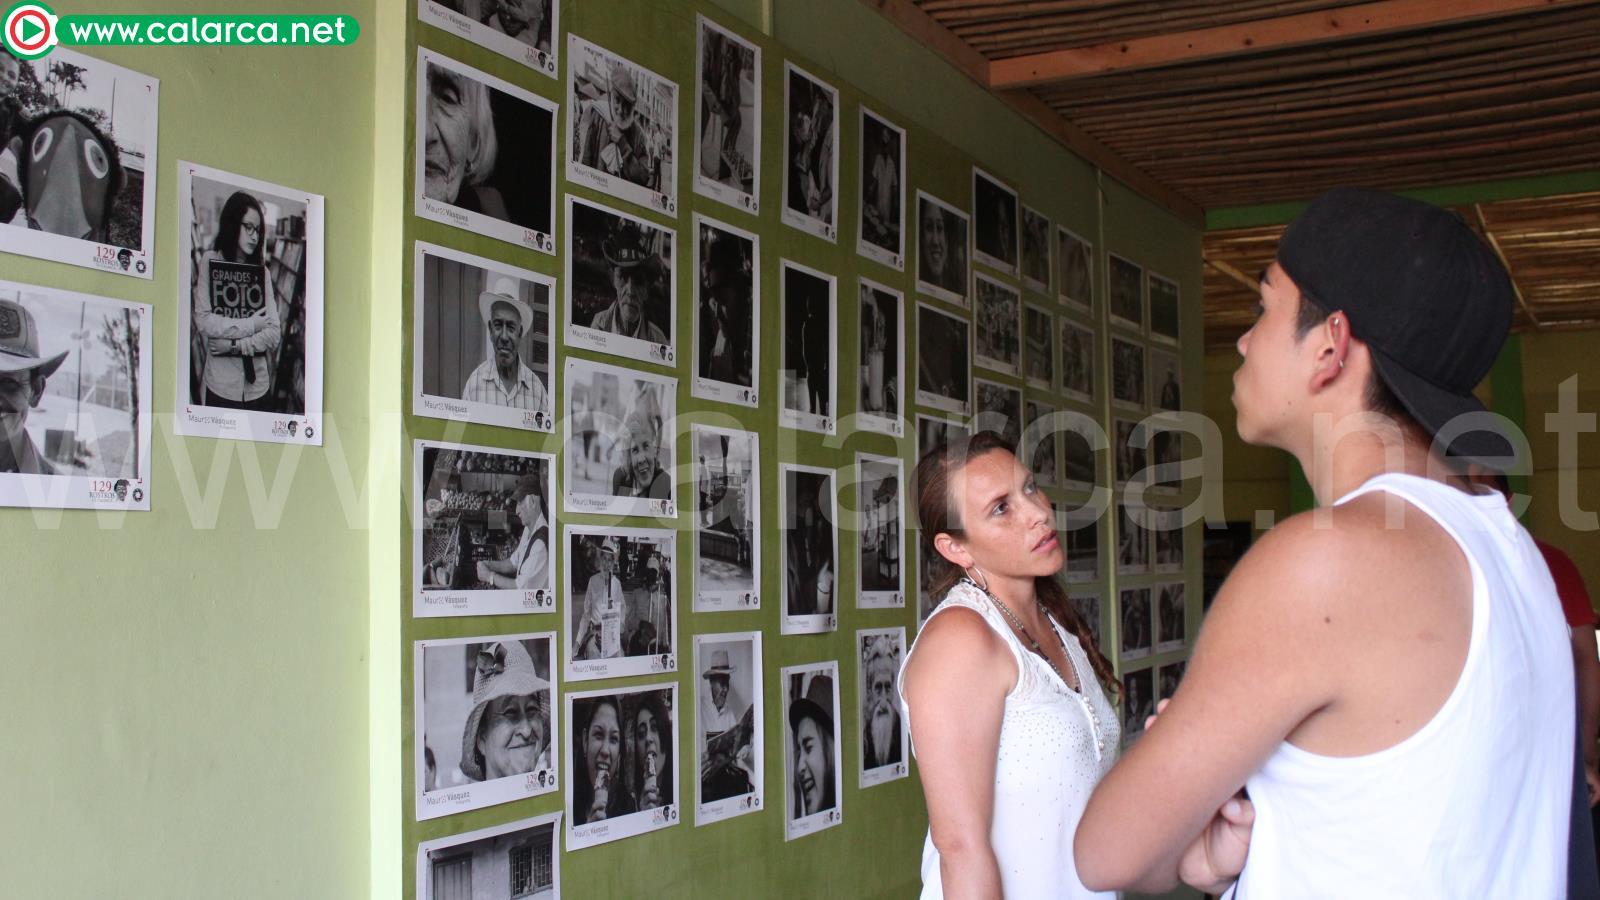 Exposición Fotográfica: Calarcá, 129 Rostros